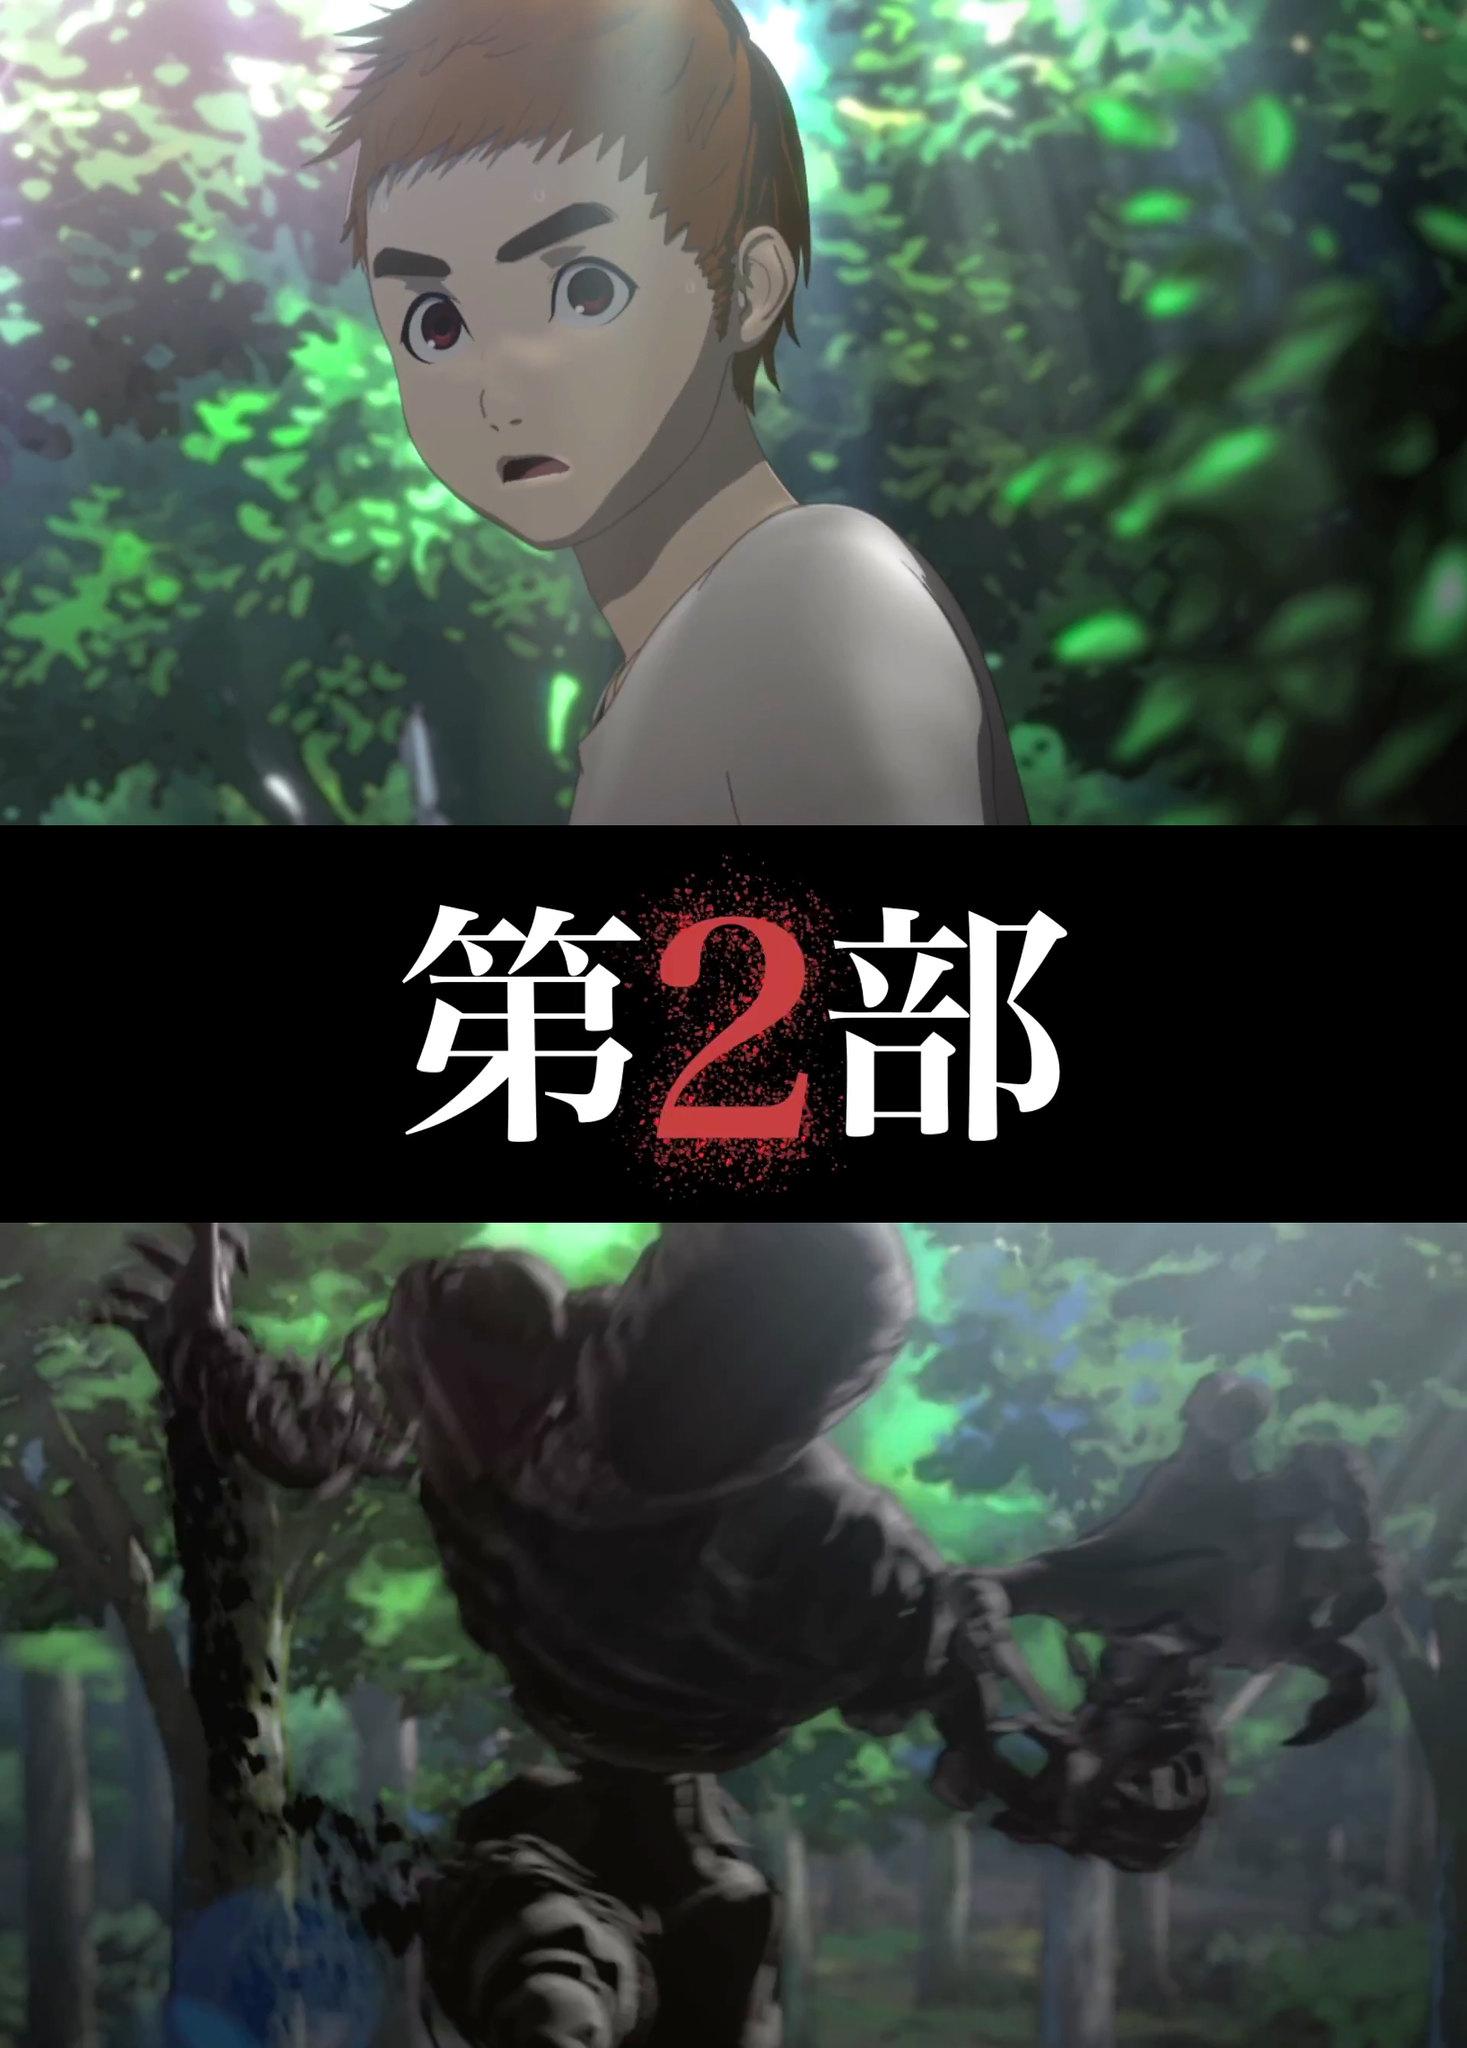 151217(2) -『銀河騎士傳』團隊改編大銀幕動畫《亞人 二部曲 – 衝突》於2016年5月上映、首支預告片公開!